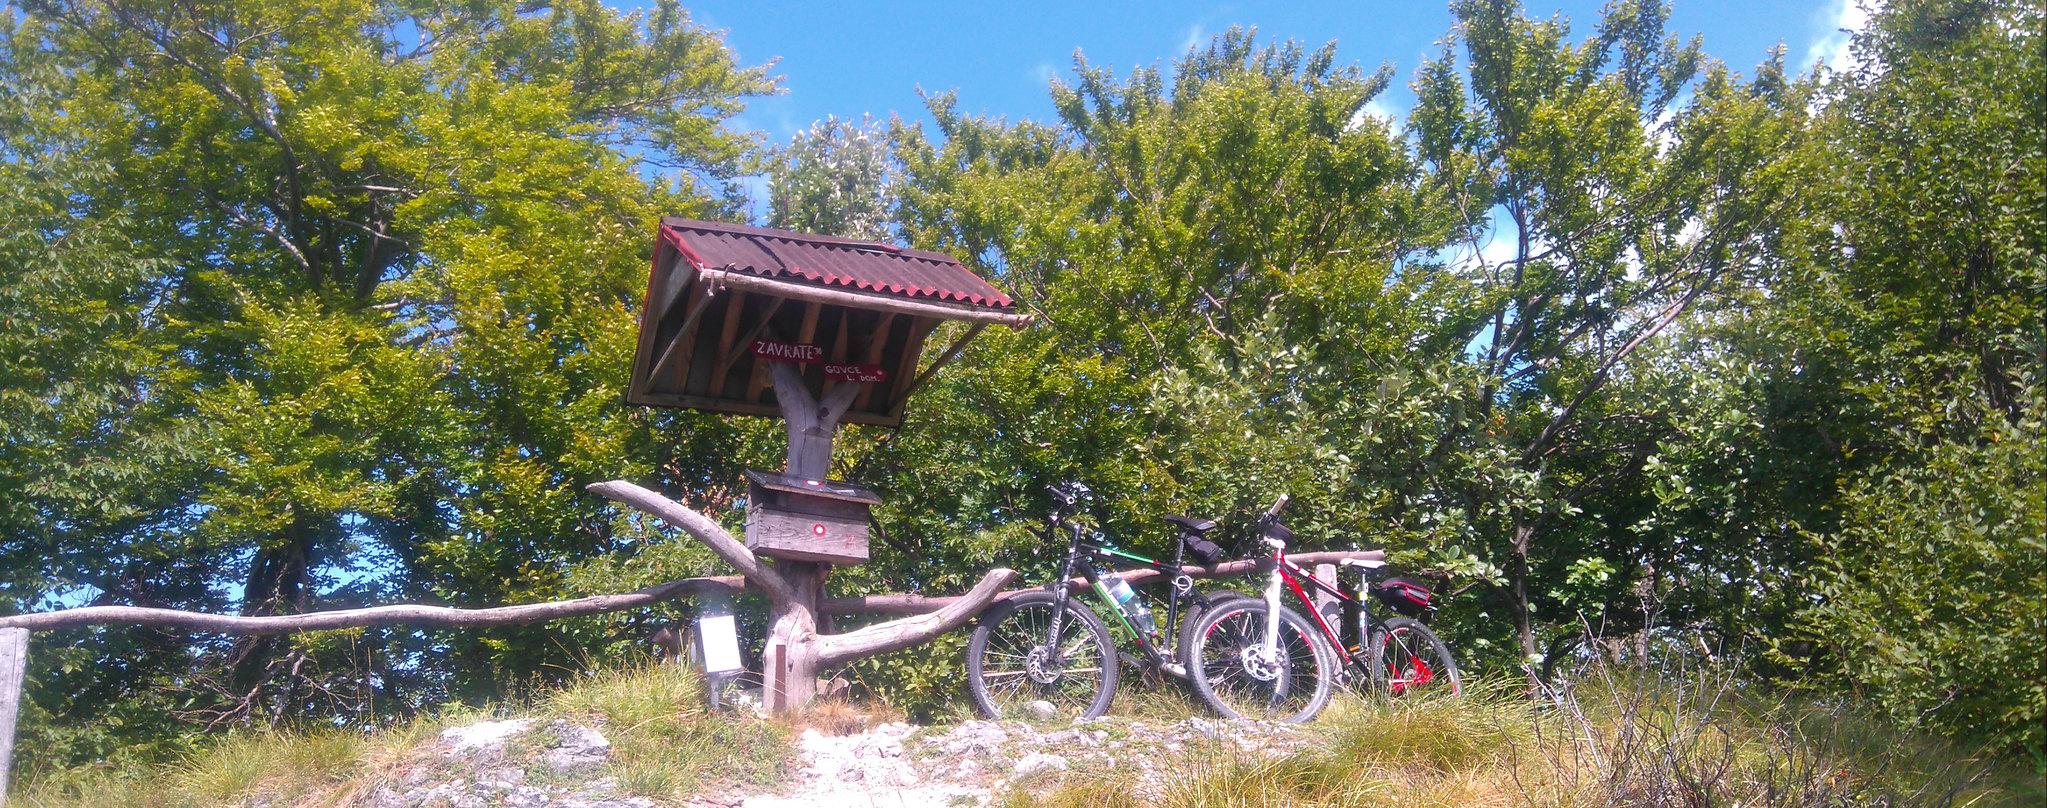 Bike&Hike - Iz Laškega okoli doline Rečice